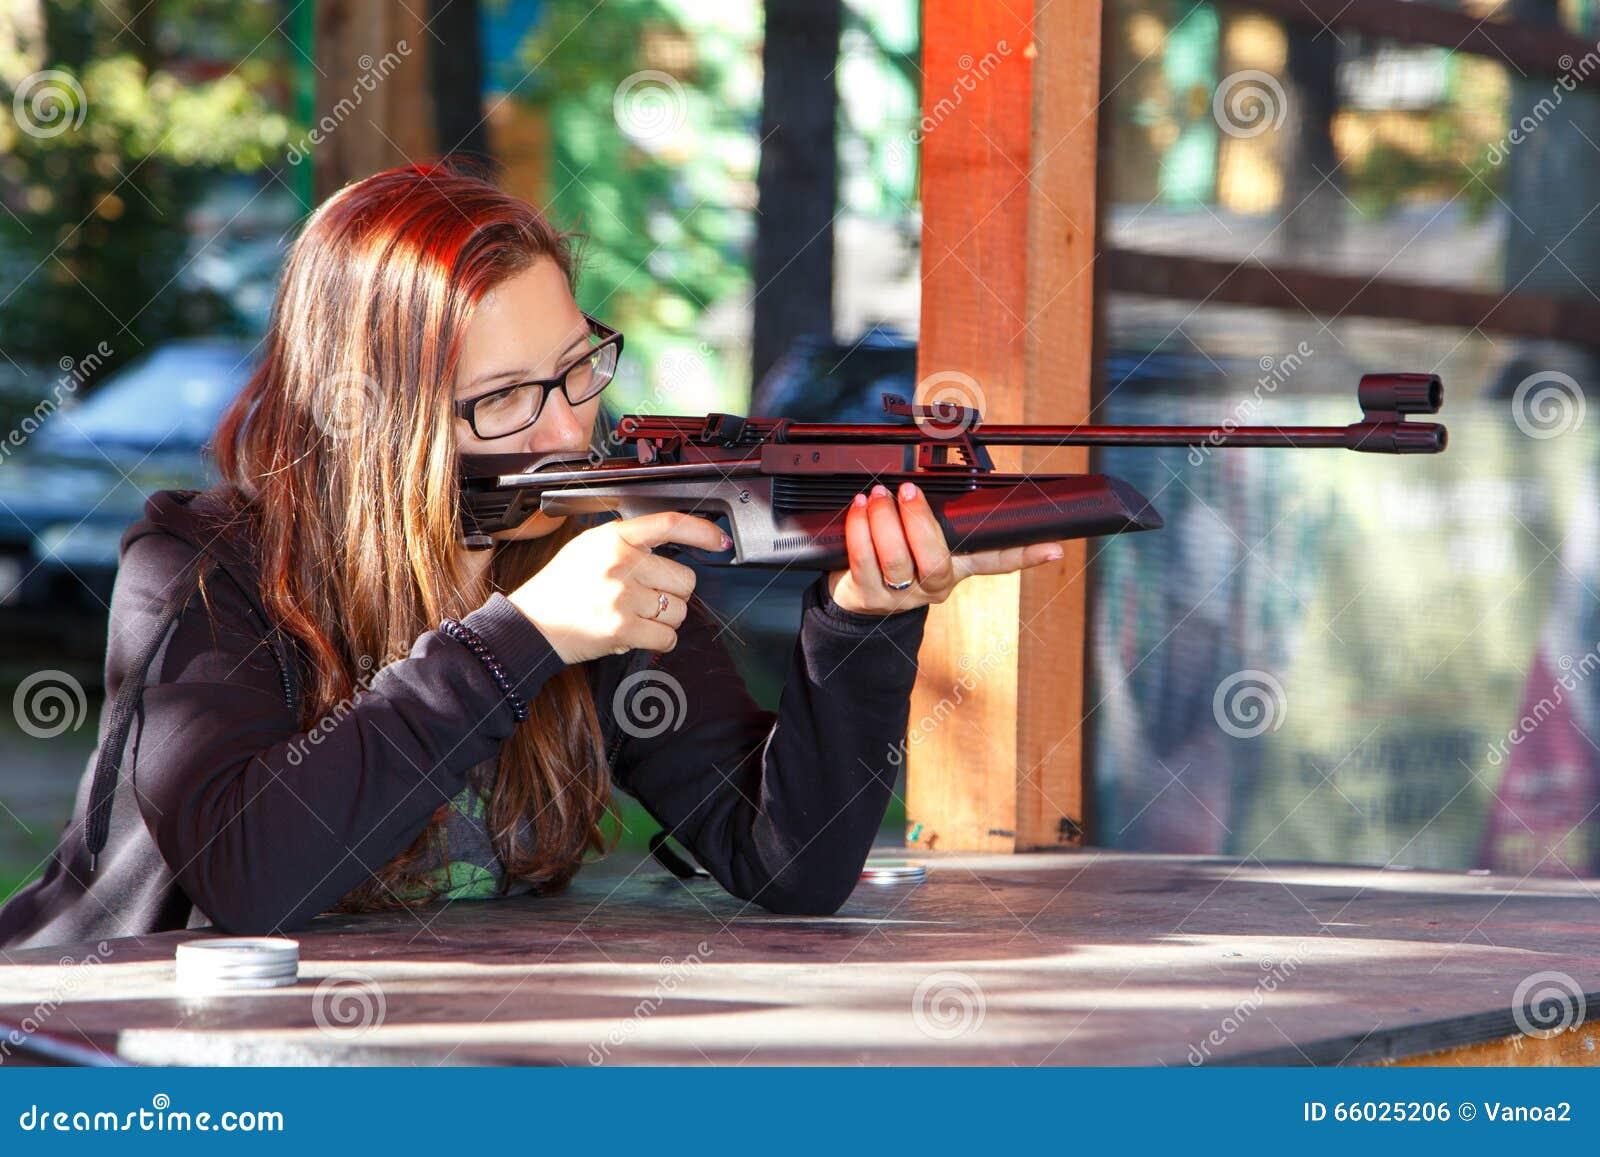 Tiroteo elegante de la muchacha de la escopeta de aire comprimido